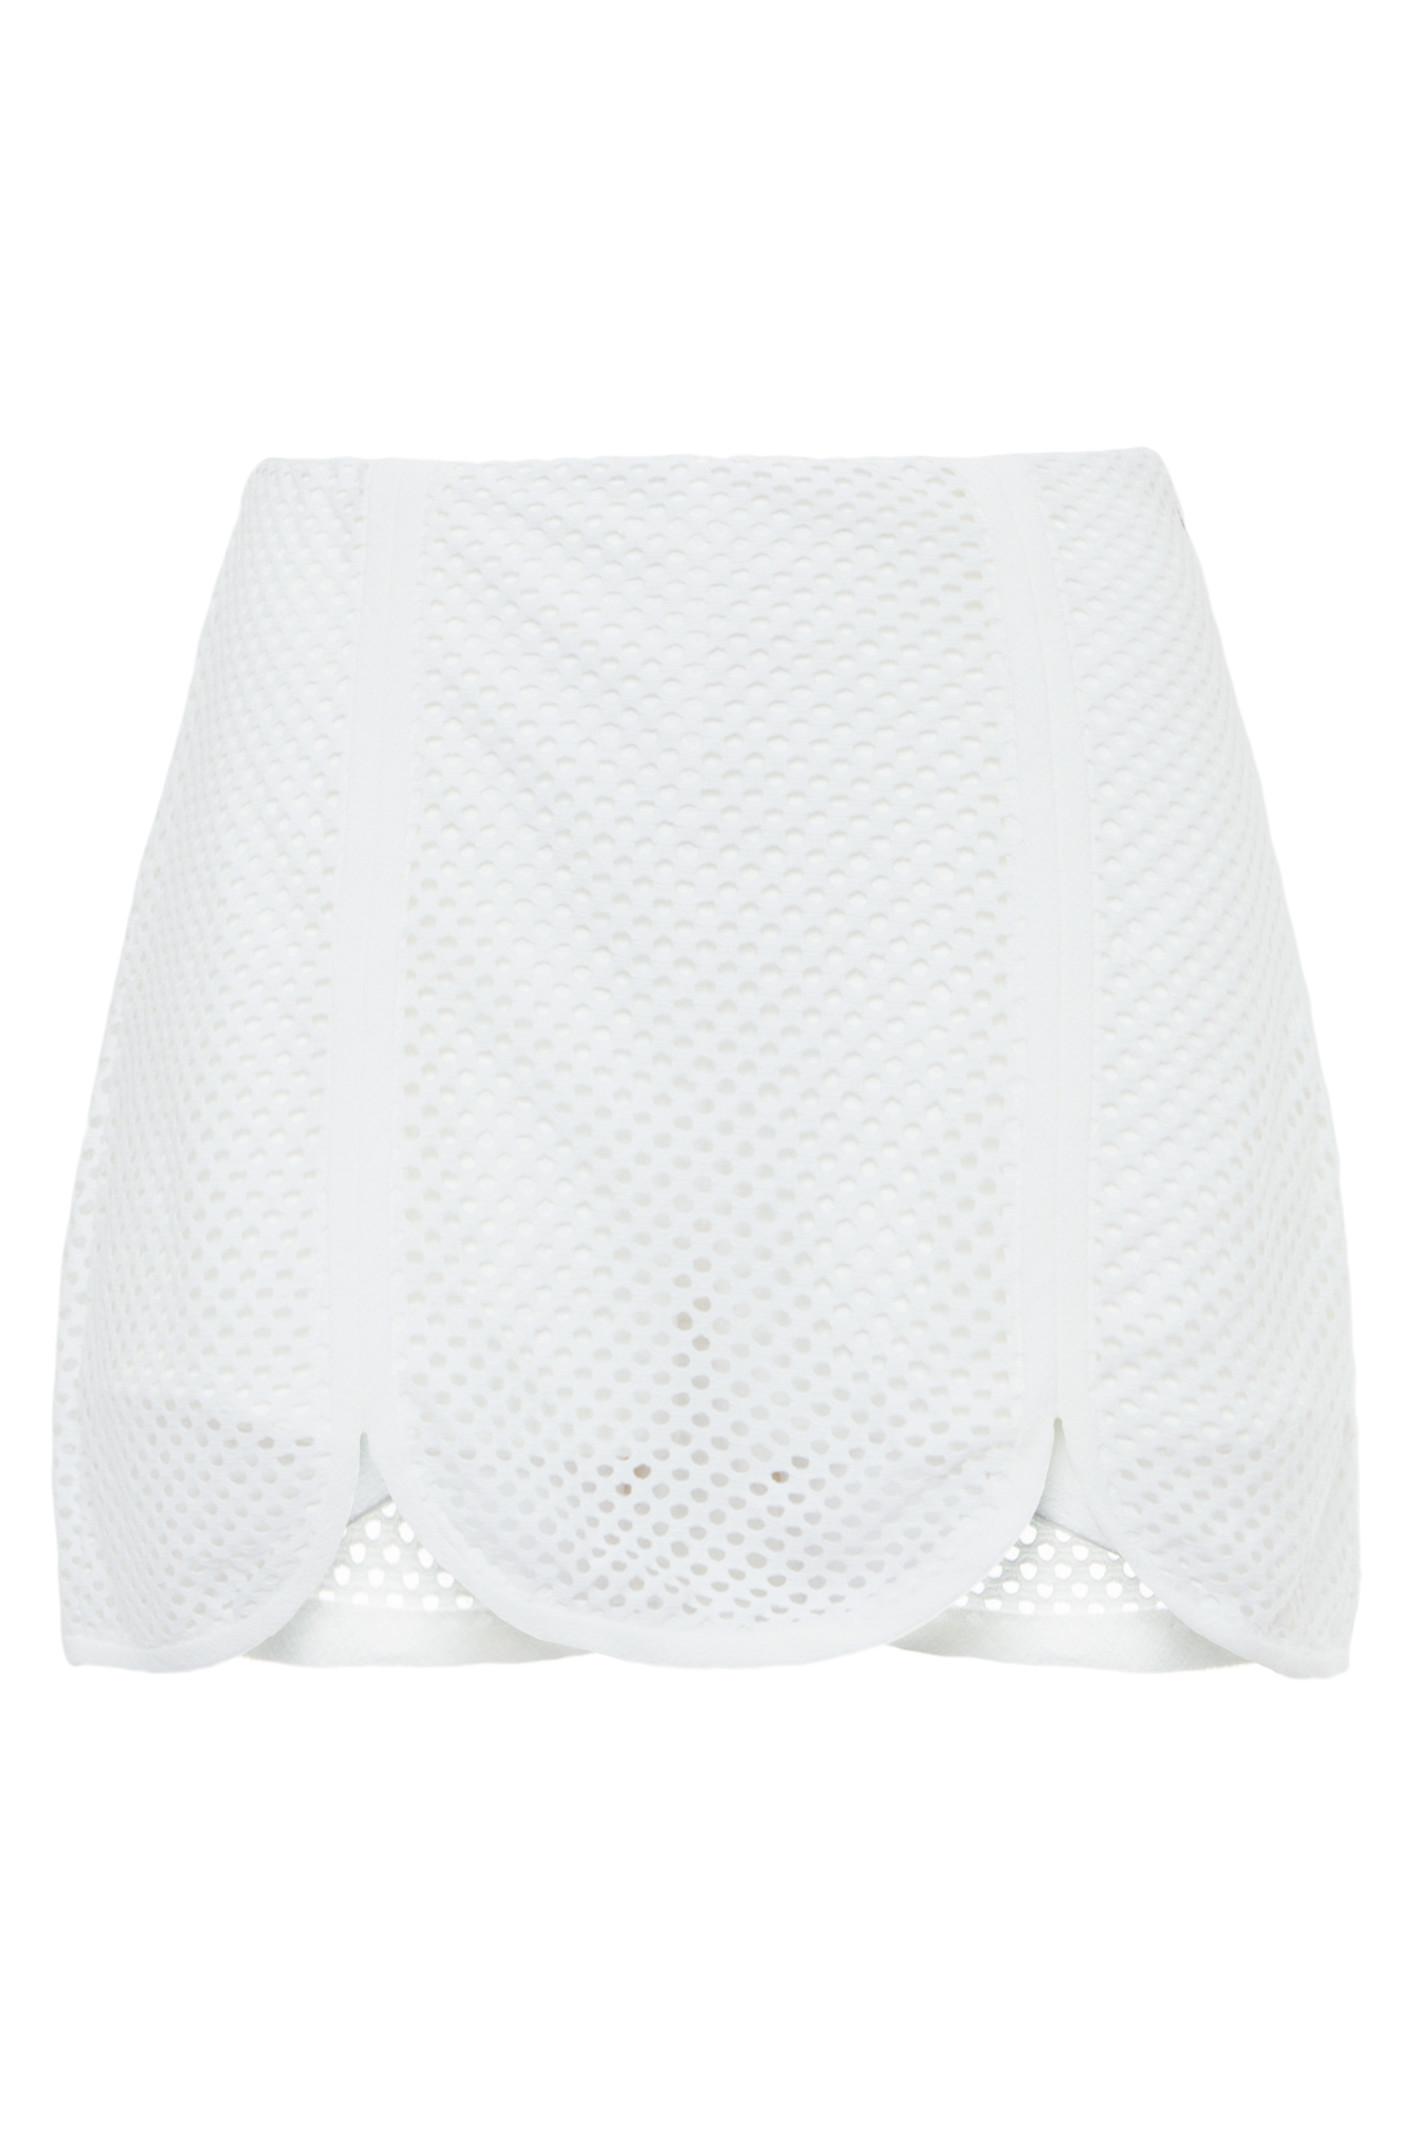 Short Saia Tela - Off White